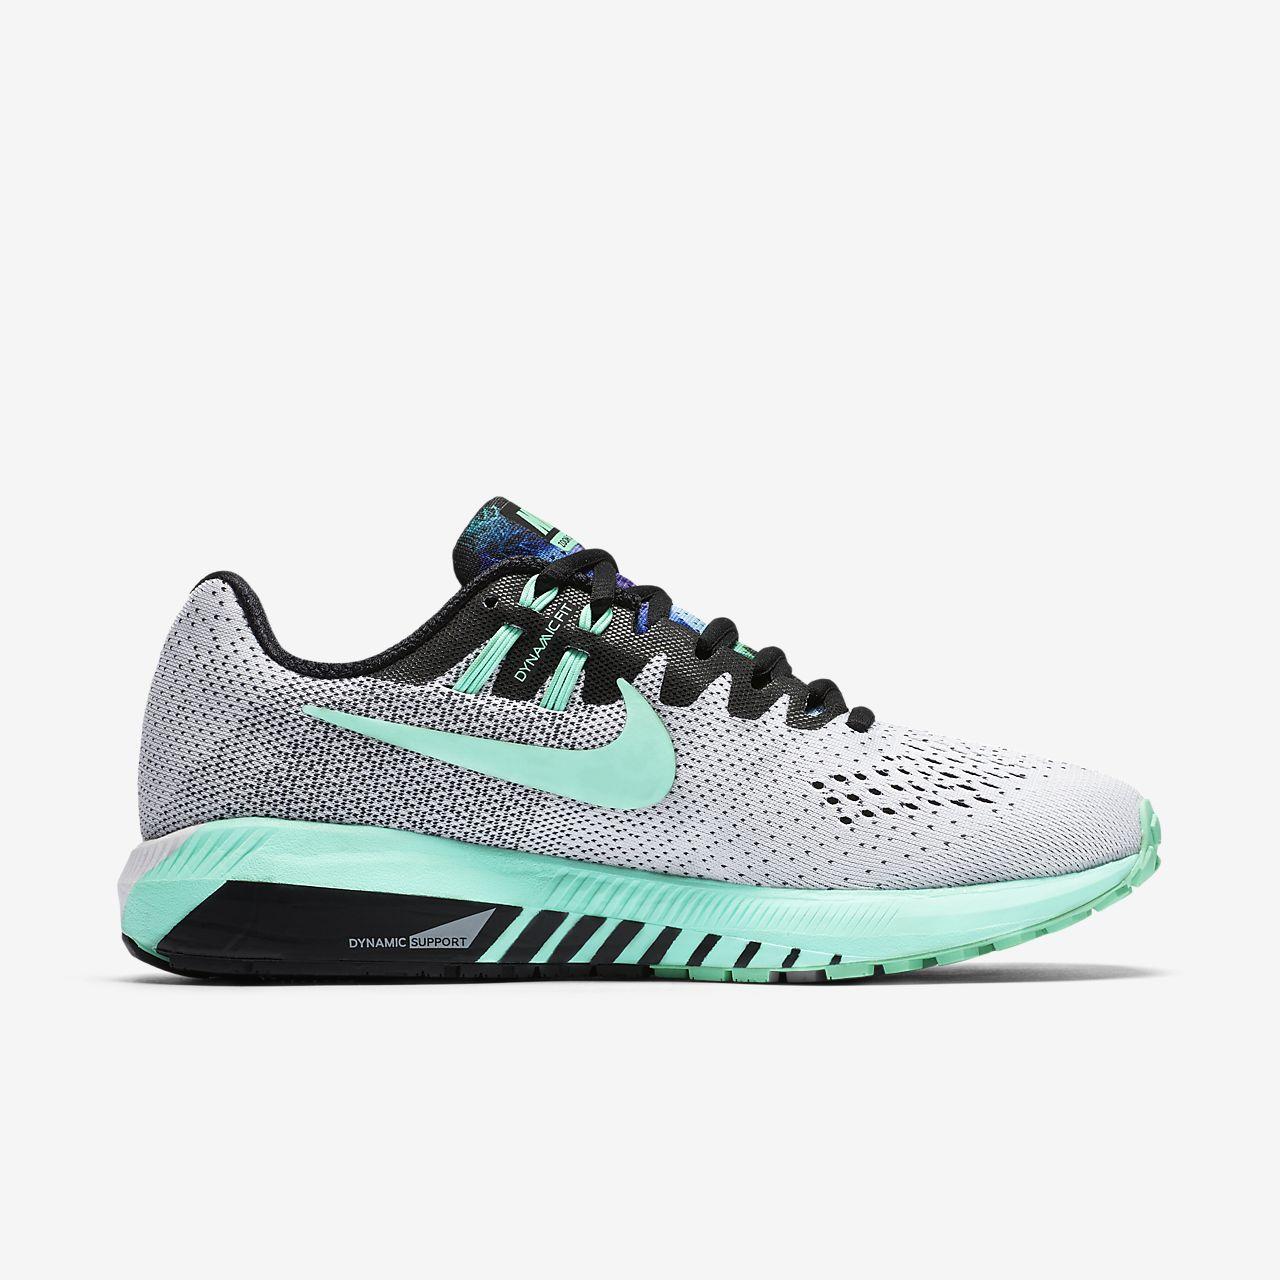 Nike WMNS  AIR ZOOM V vert - Livraison Gratuite avec  - Chaussures Chaussures-de-running Femme